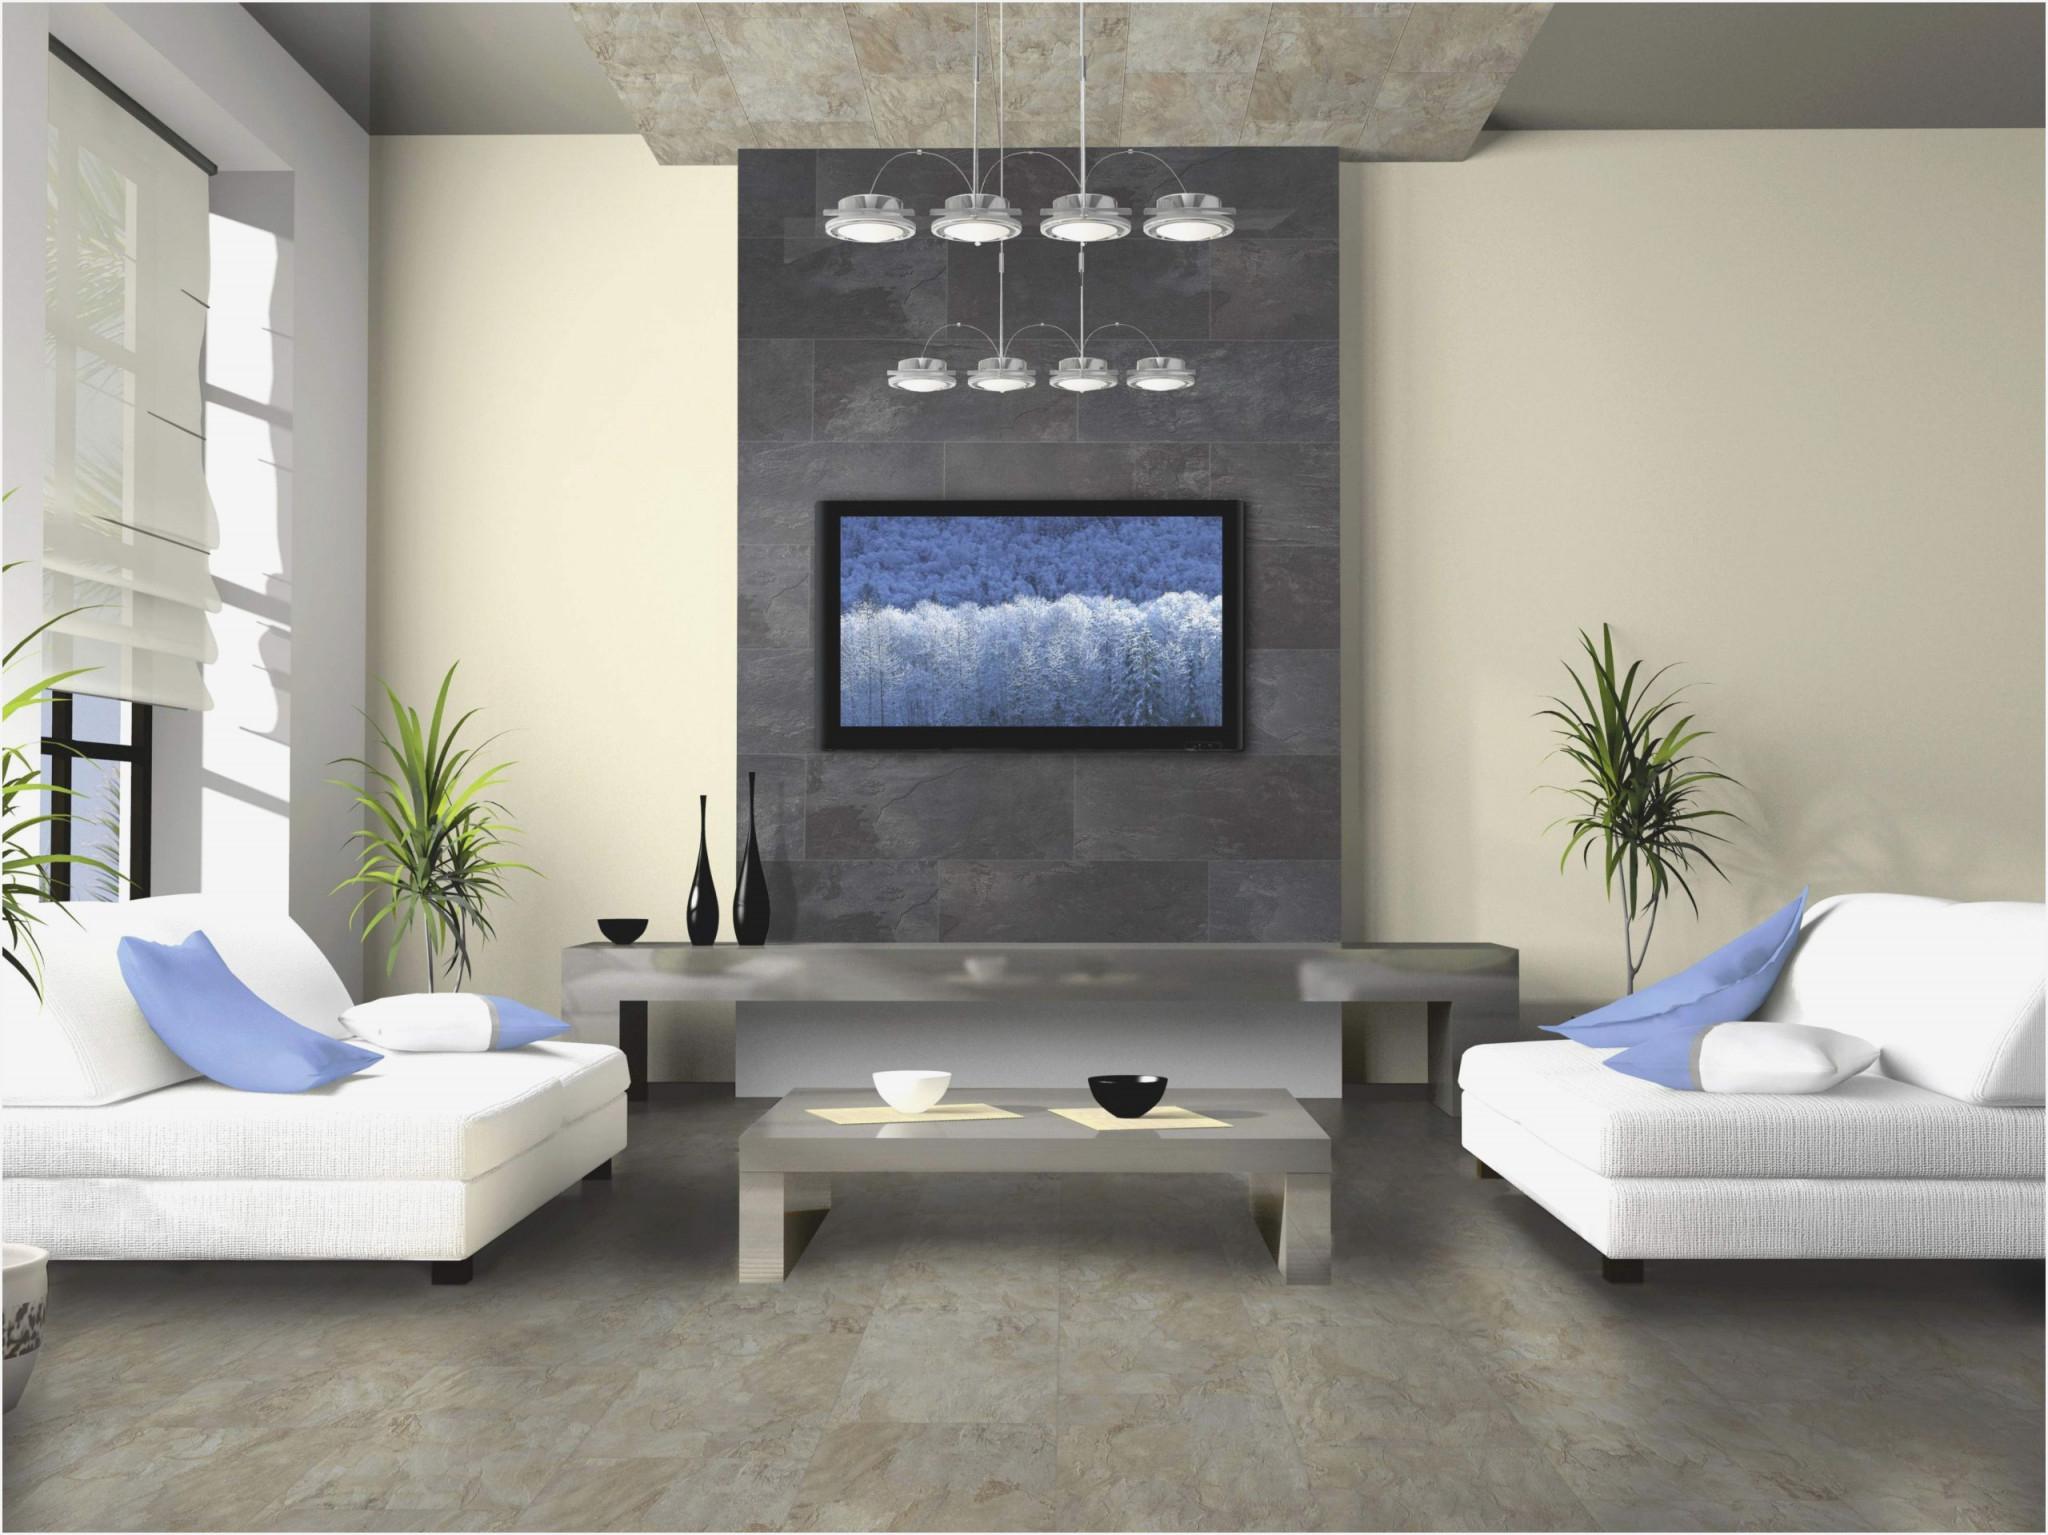 16 Qm Wohnzimmer Einrichten  Wohnzimmer  Traumhaus von 16 Qm Wohnzimmer Einrichten Bild